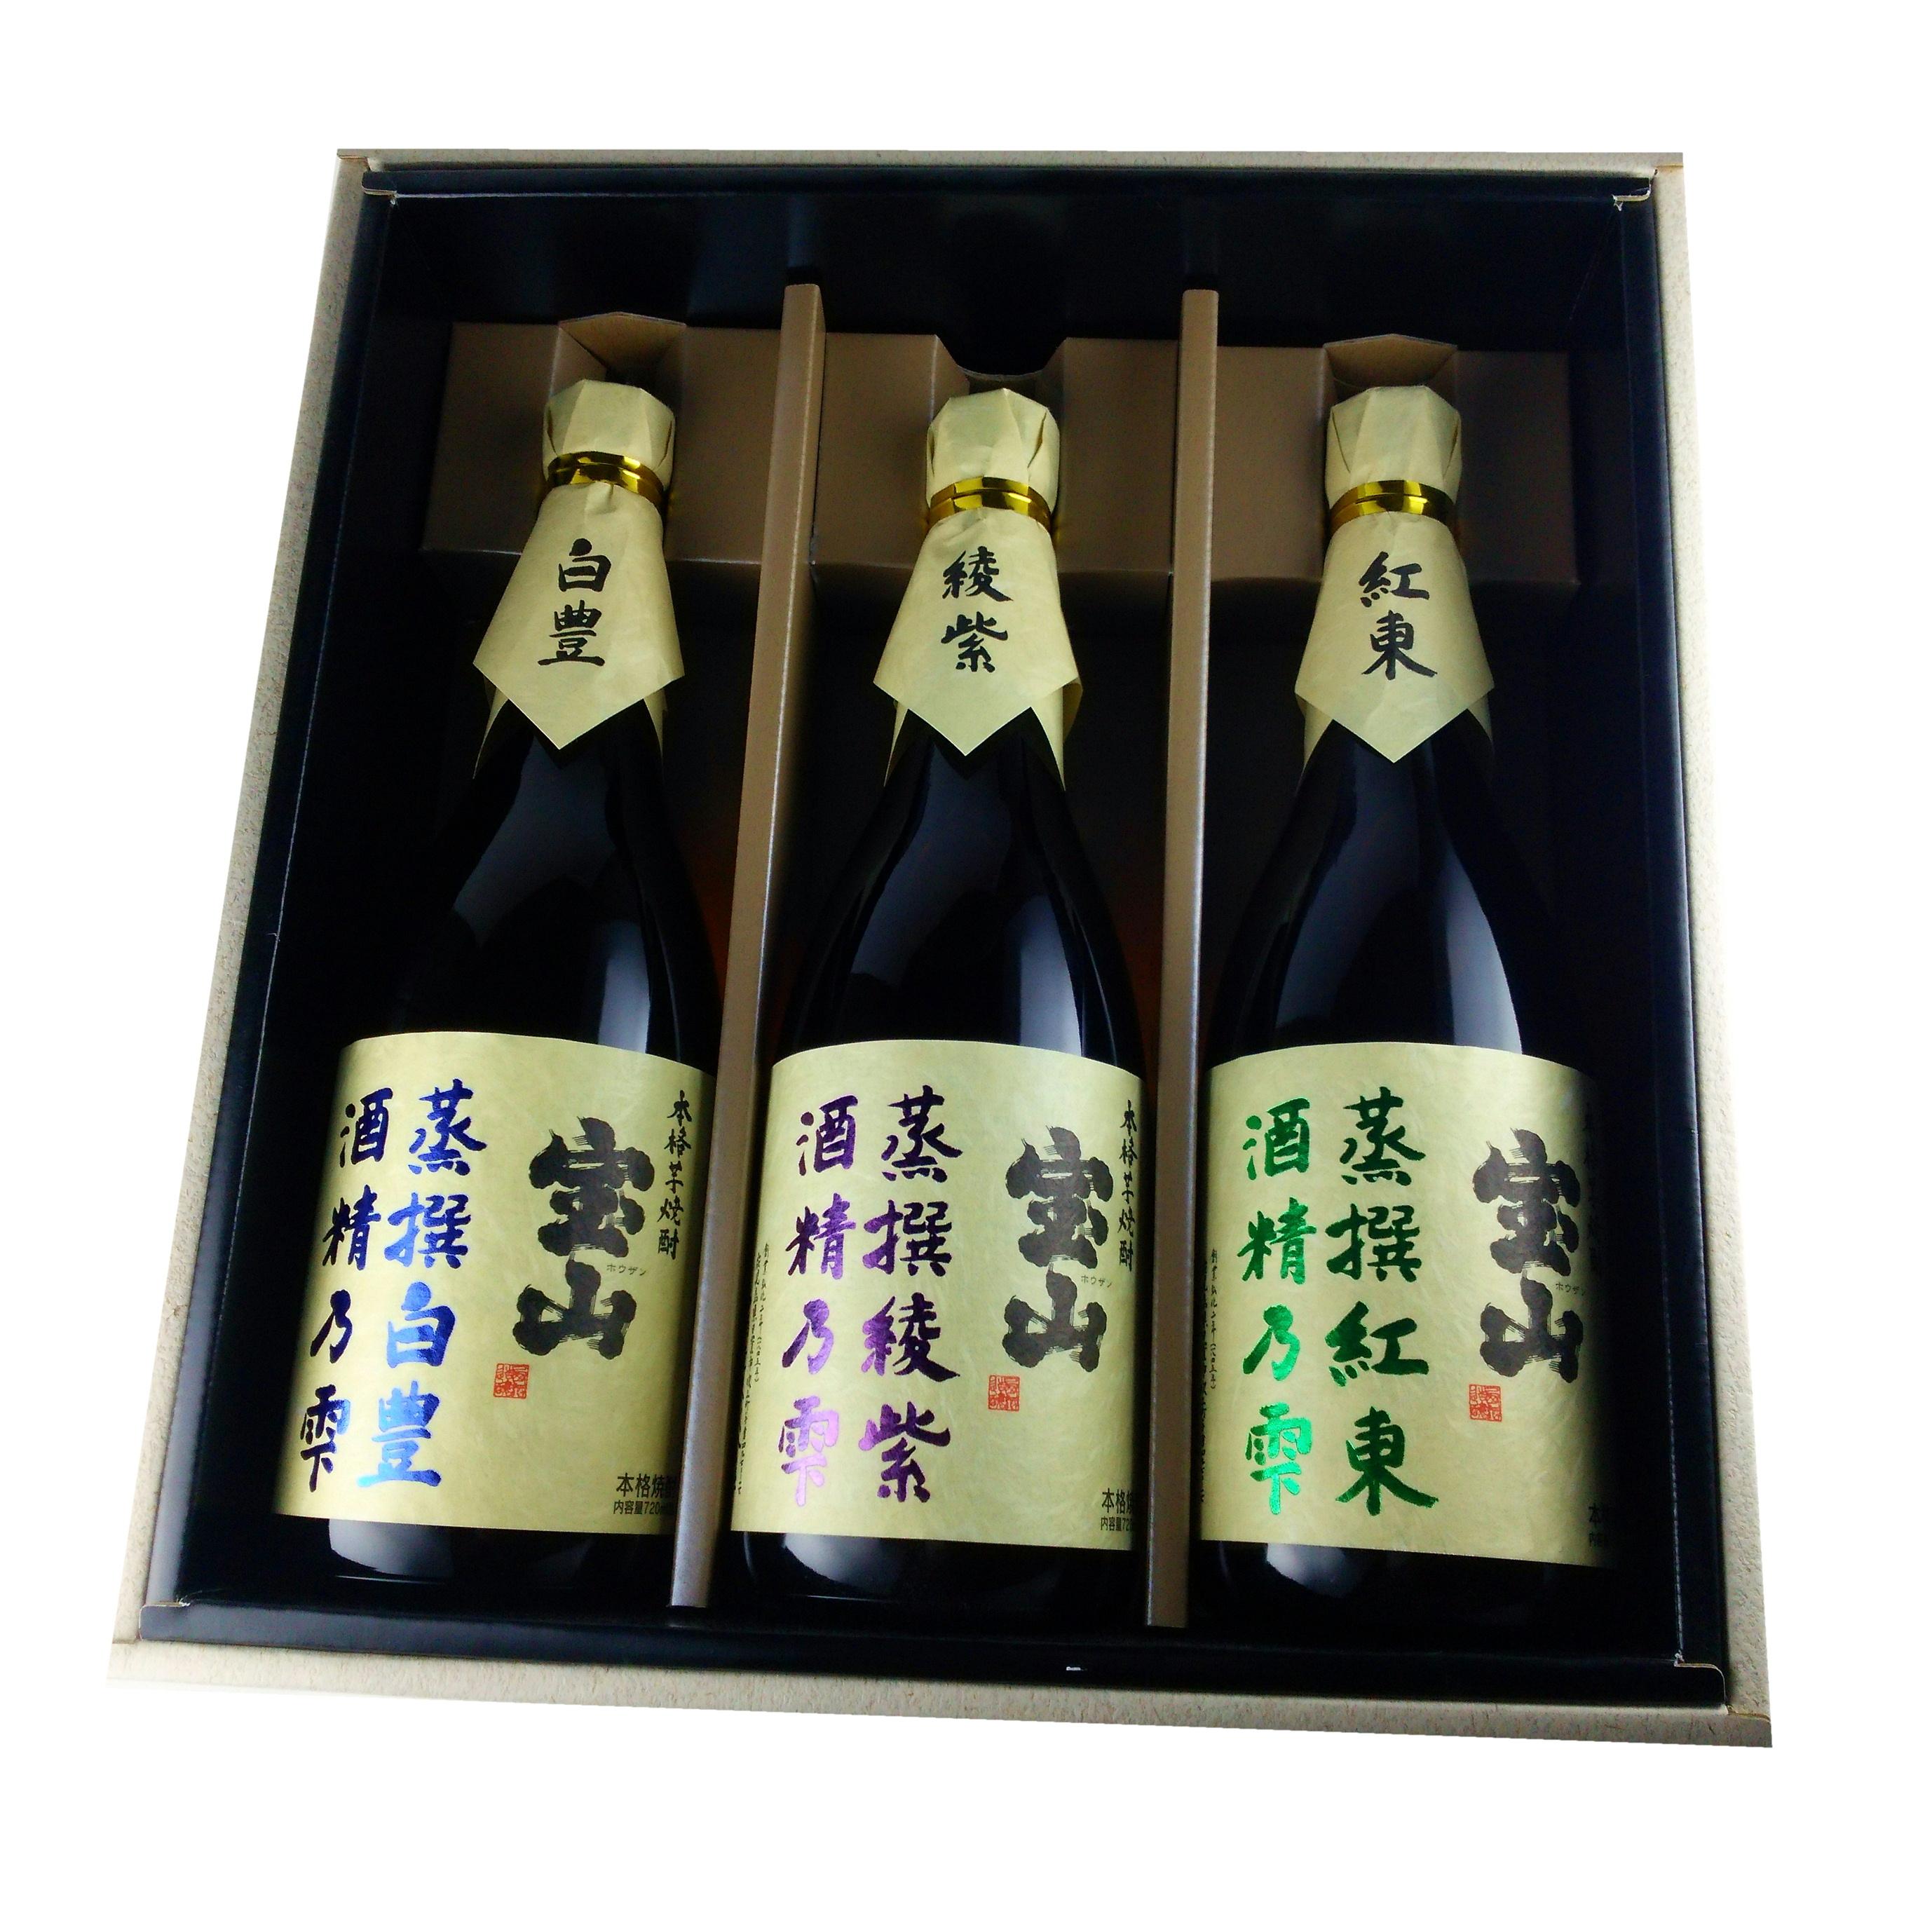 焼酎飲み比べセット「芋違い・宝山『蒸撰シリーズ』」720ml×3【化粧箱付】